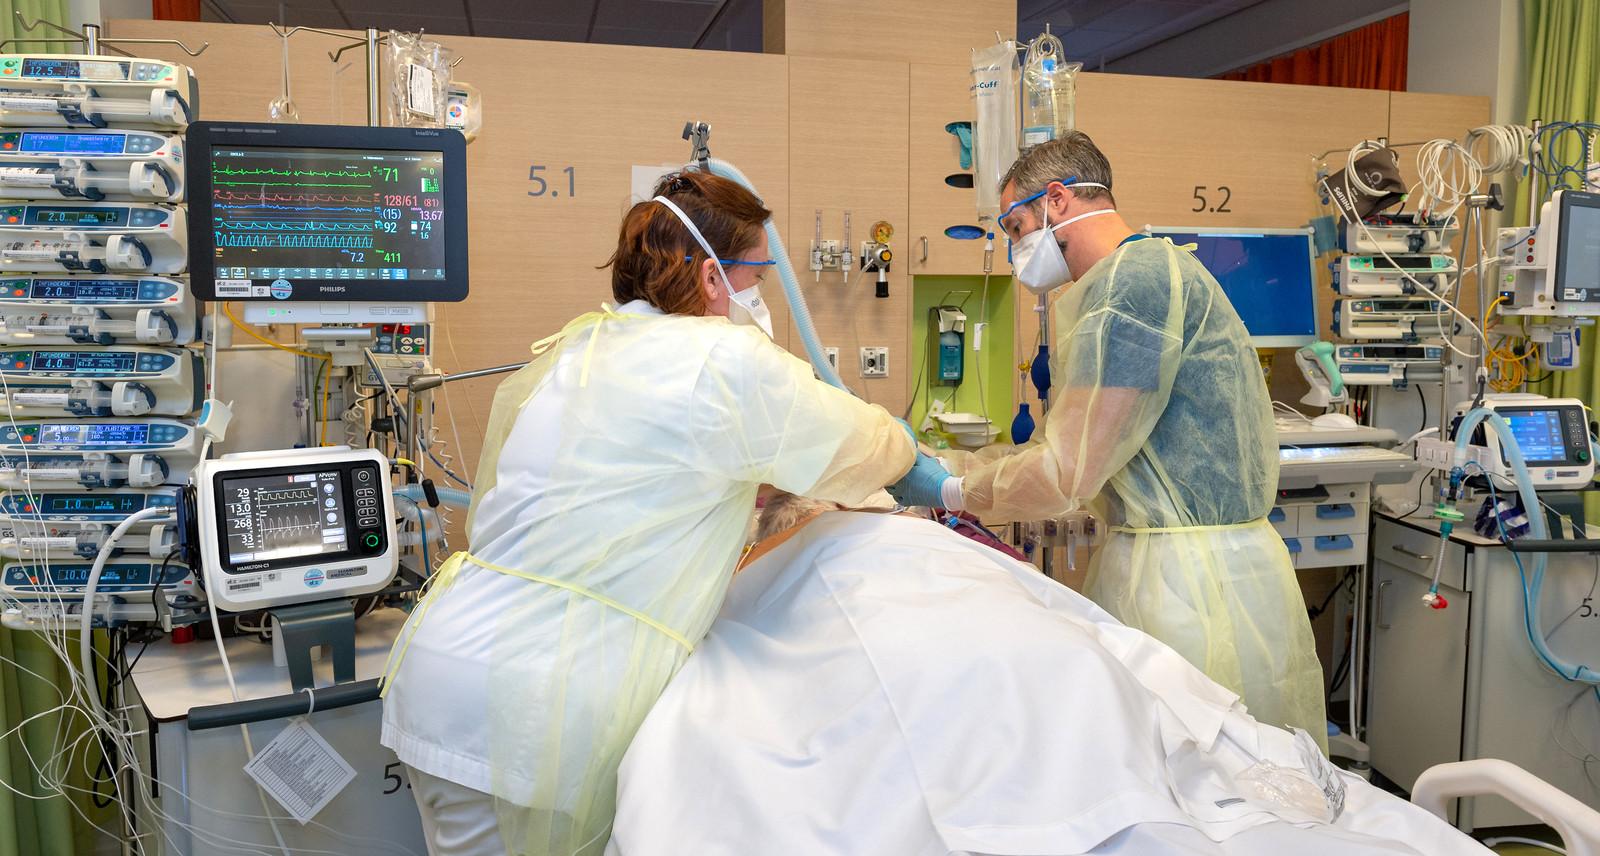 IC verpleegkundigen bezig met de verzorging van een coronapatiënt